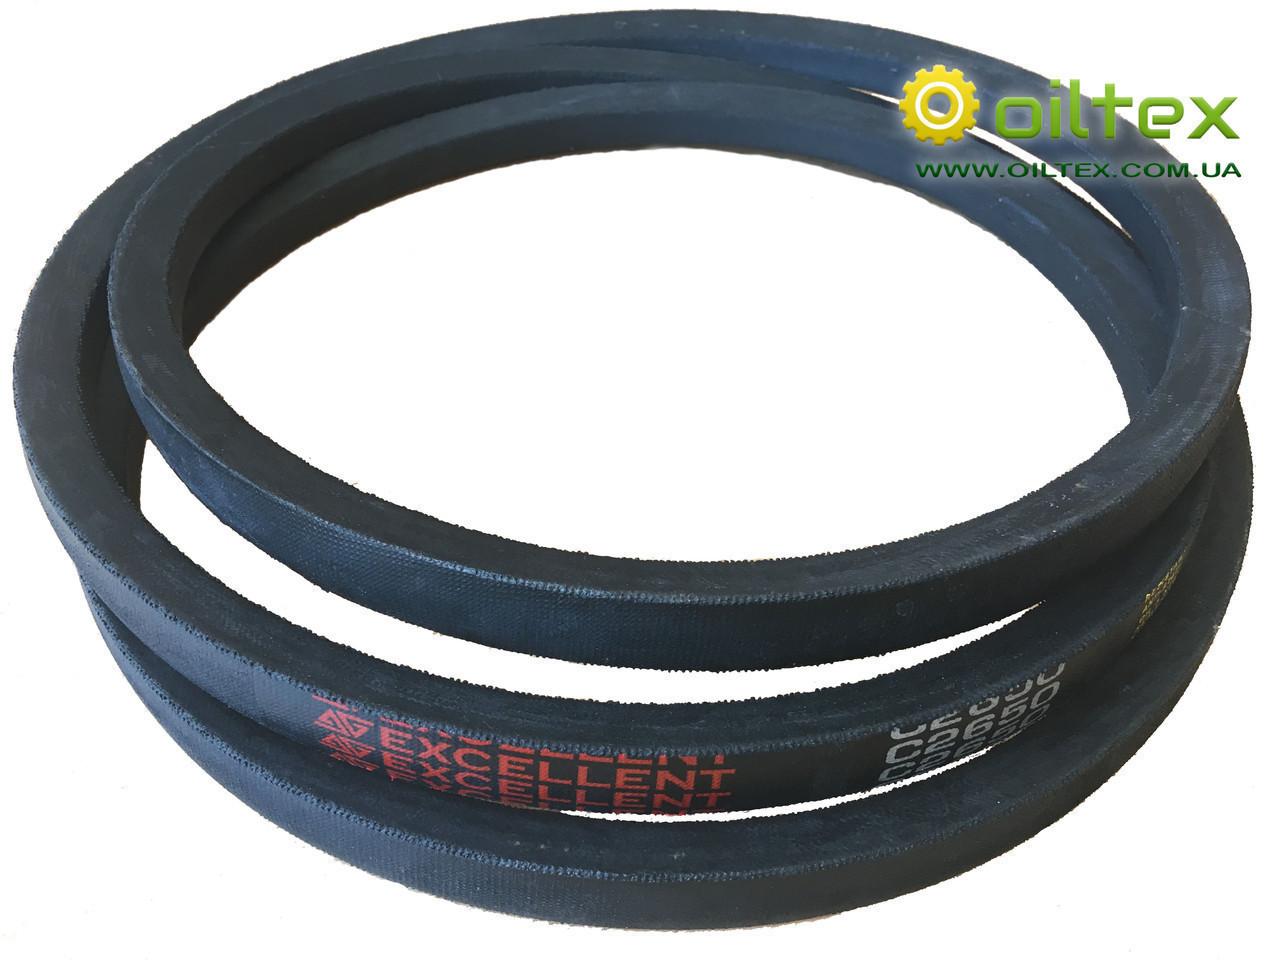 Ремень приводный УВ(SPС)-8500 Excellent